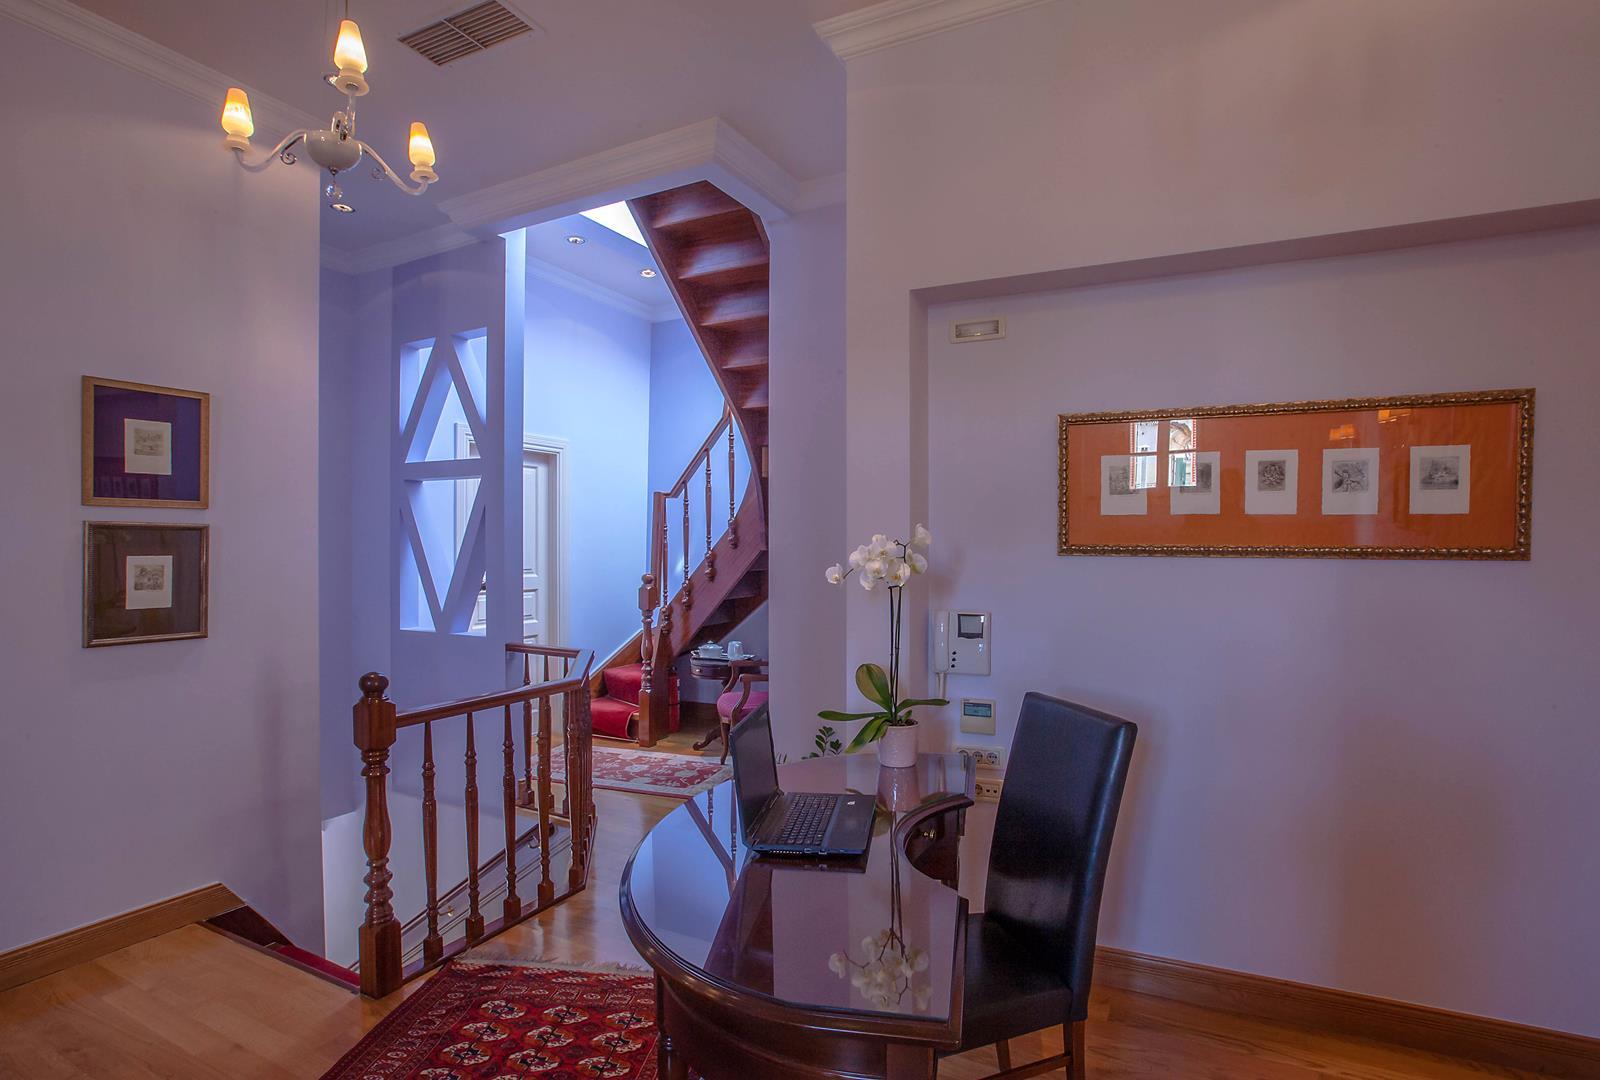 παλια πολη ναυπλιο ξενοδοχεια - Aetoma Guest Houses